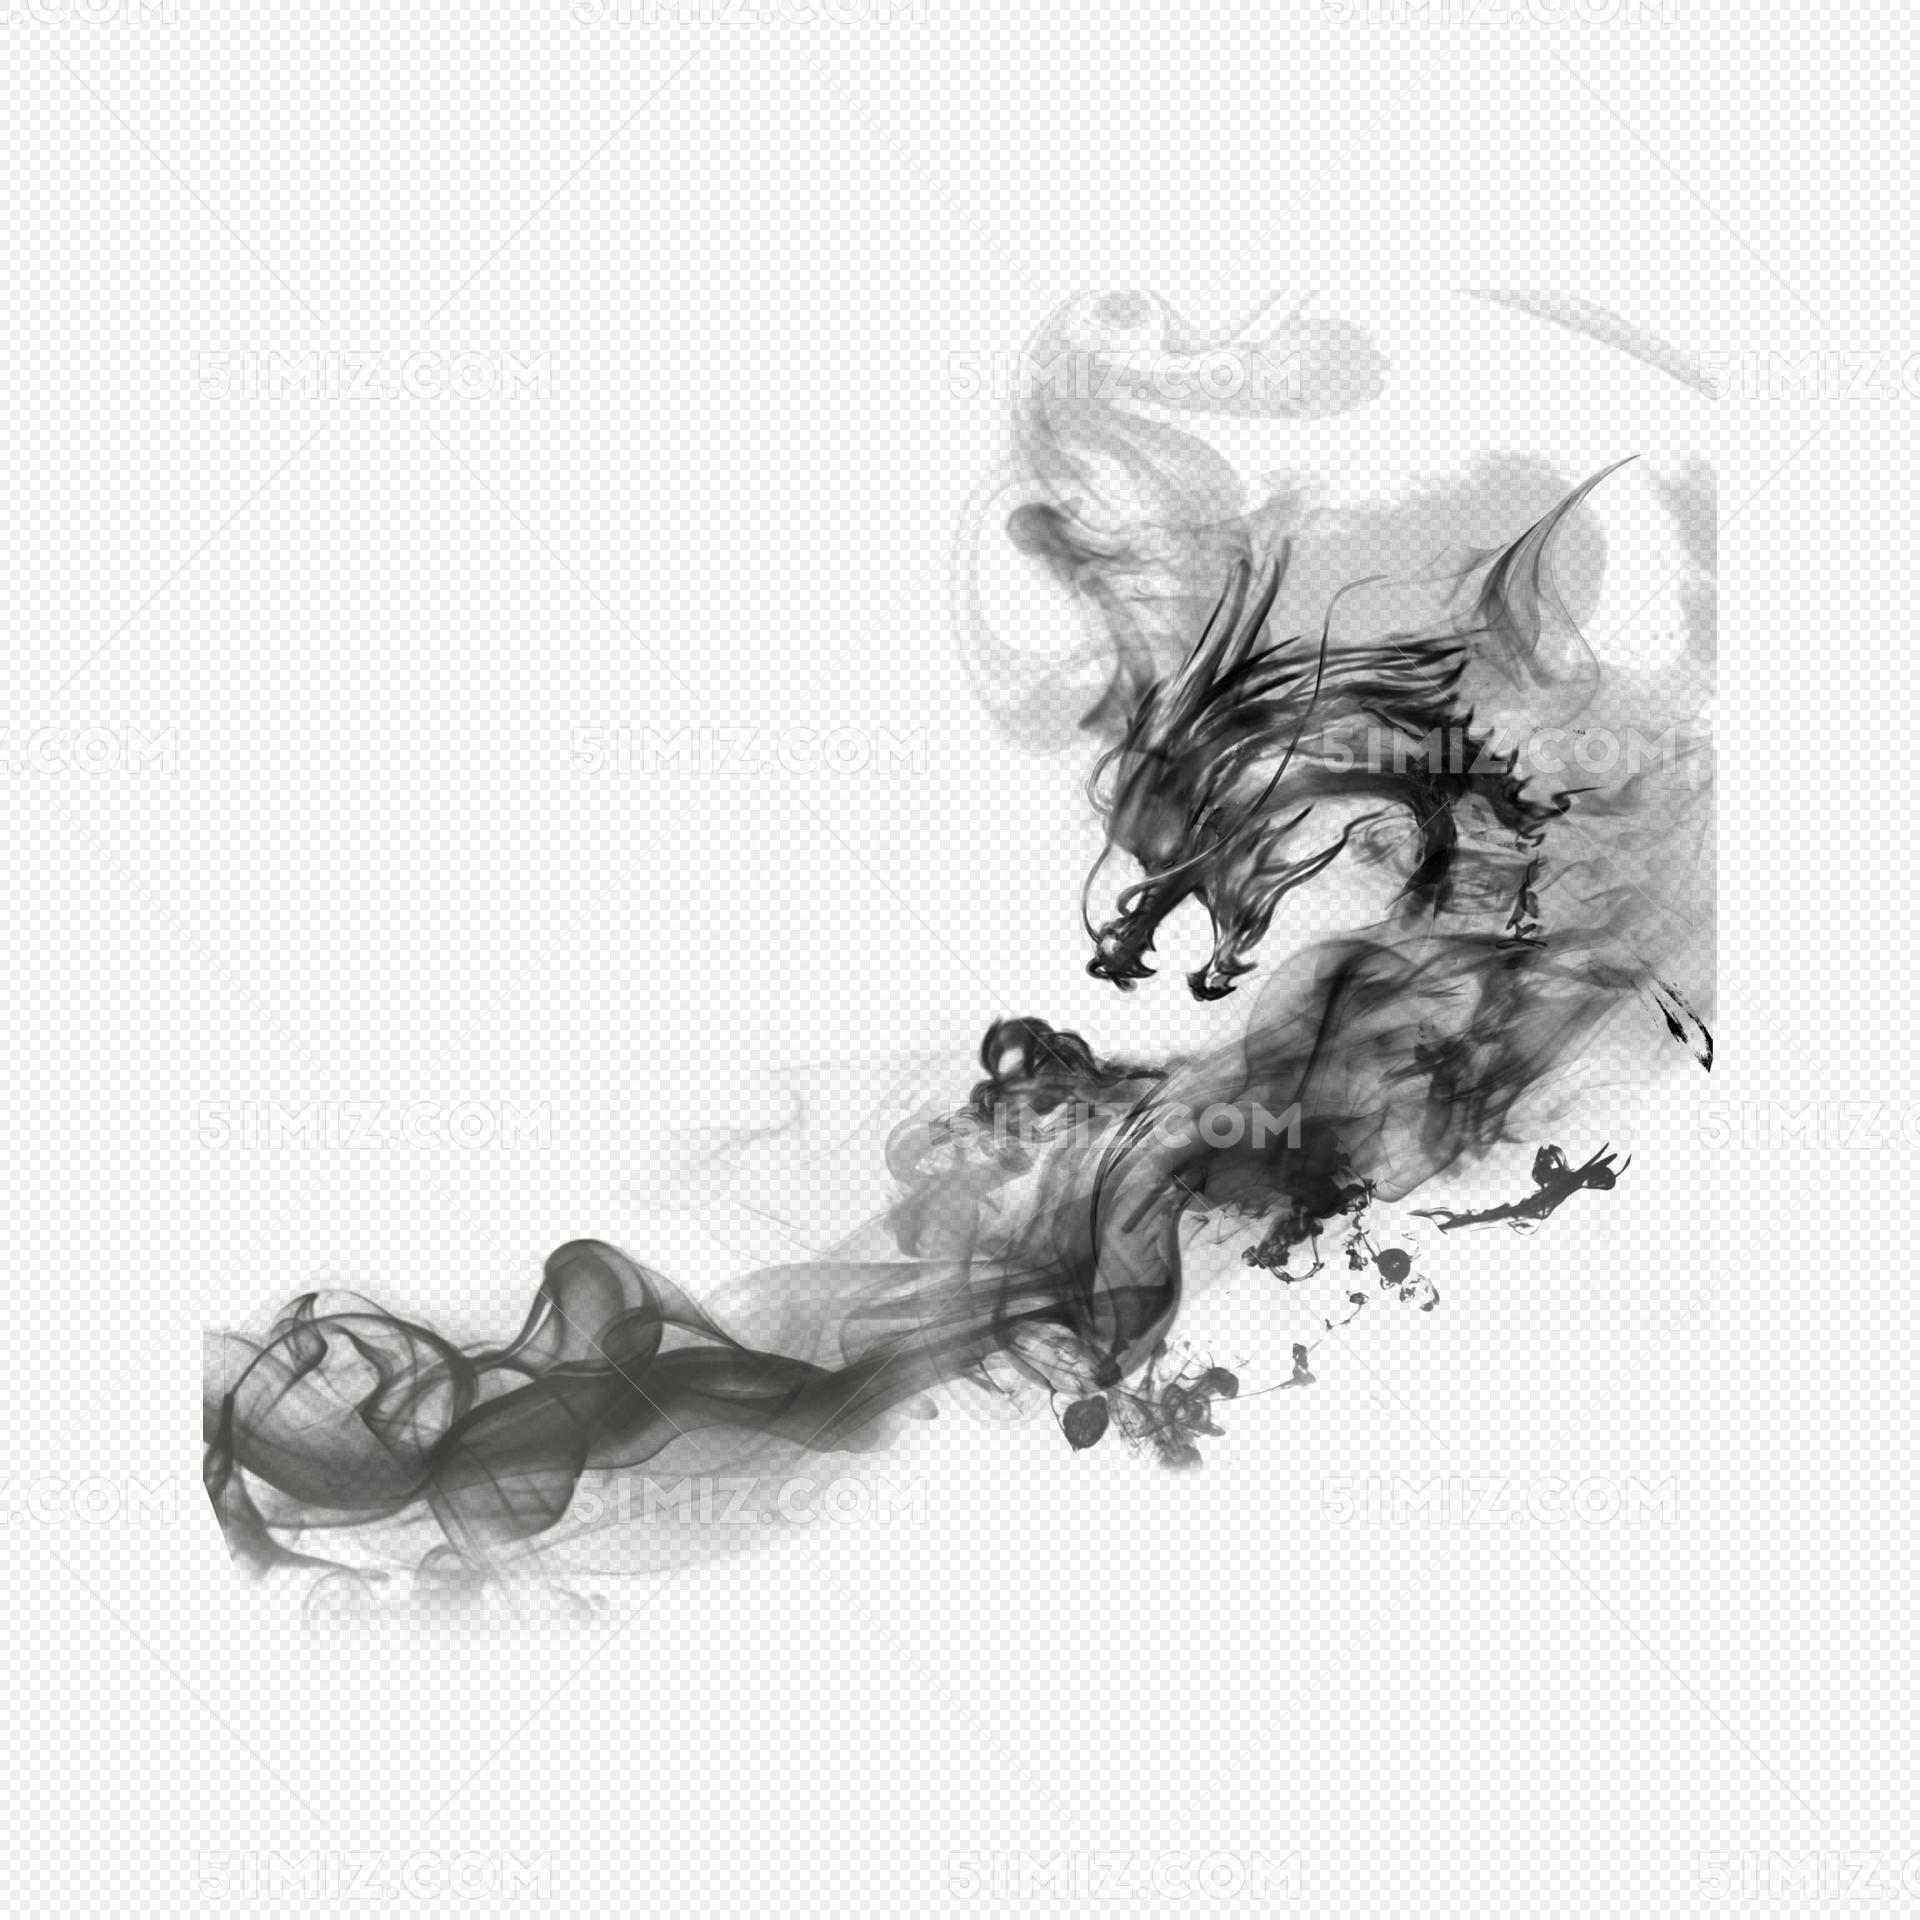 png 授权方式: 共享素材 下载png png素材 古风墨迹标签:墨迹古风烟雾